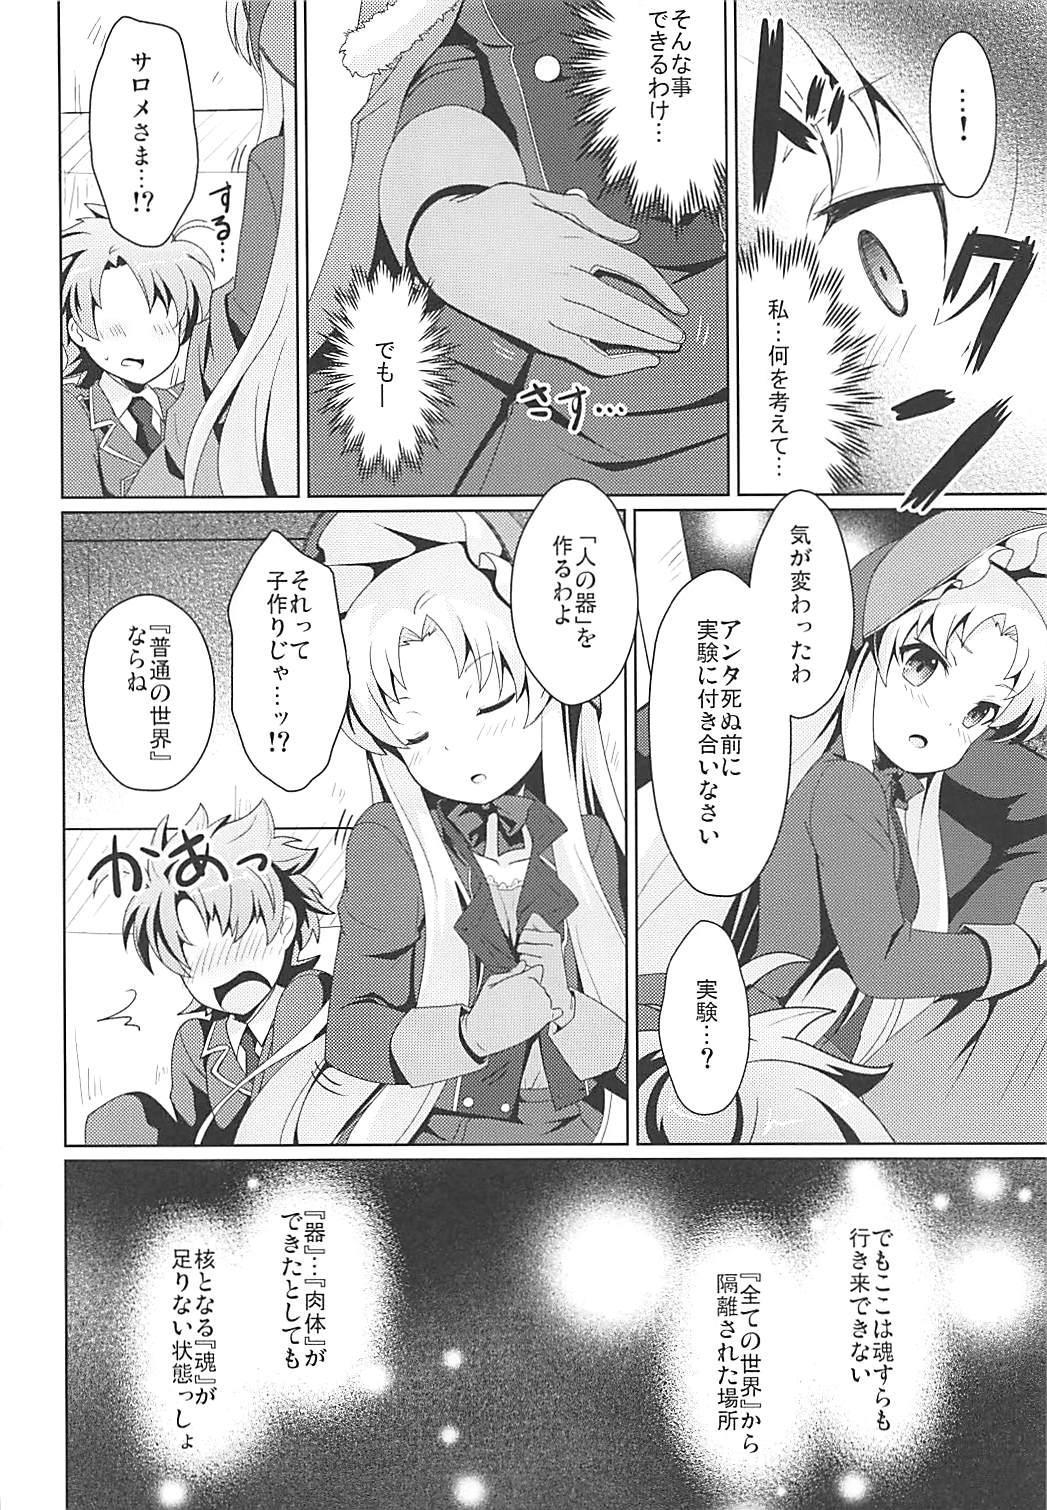 Kinki no Alchimia 8